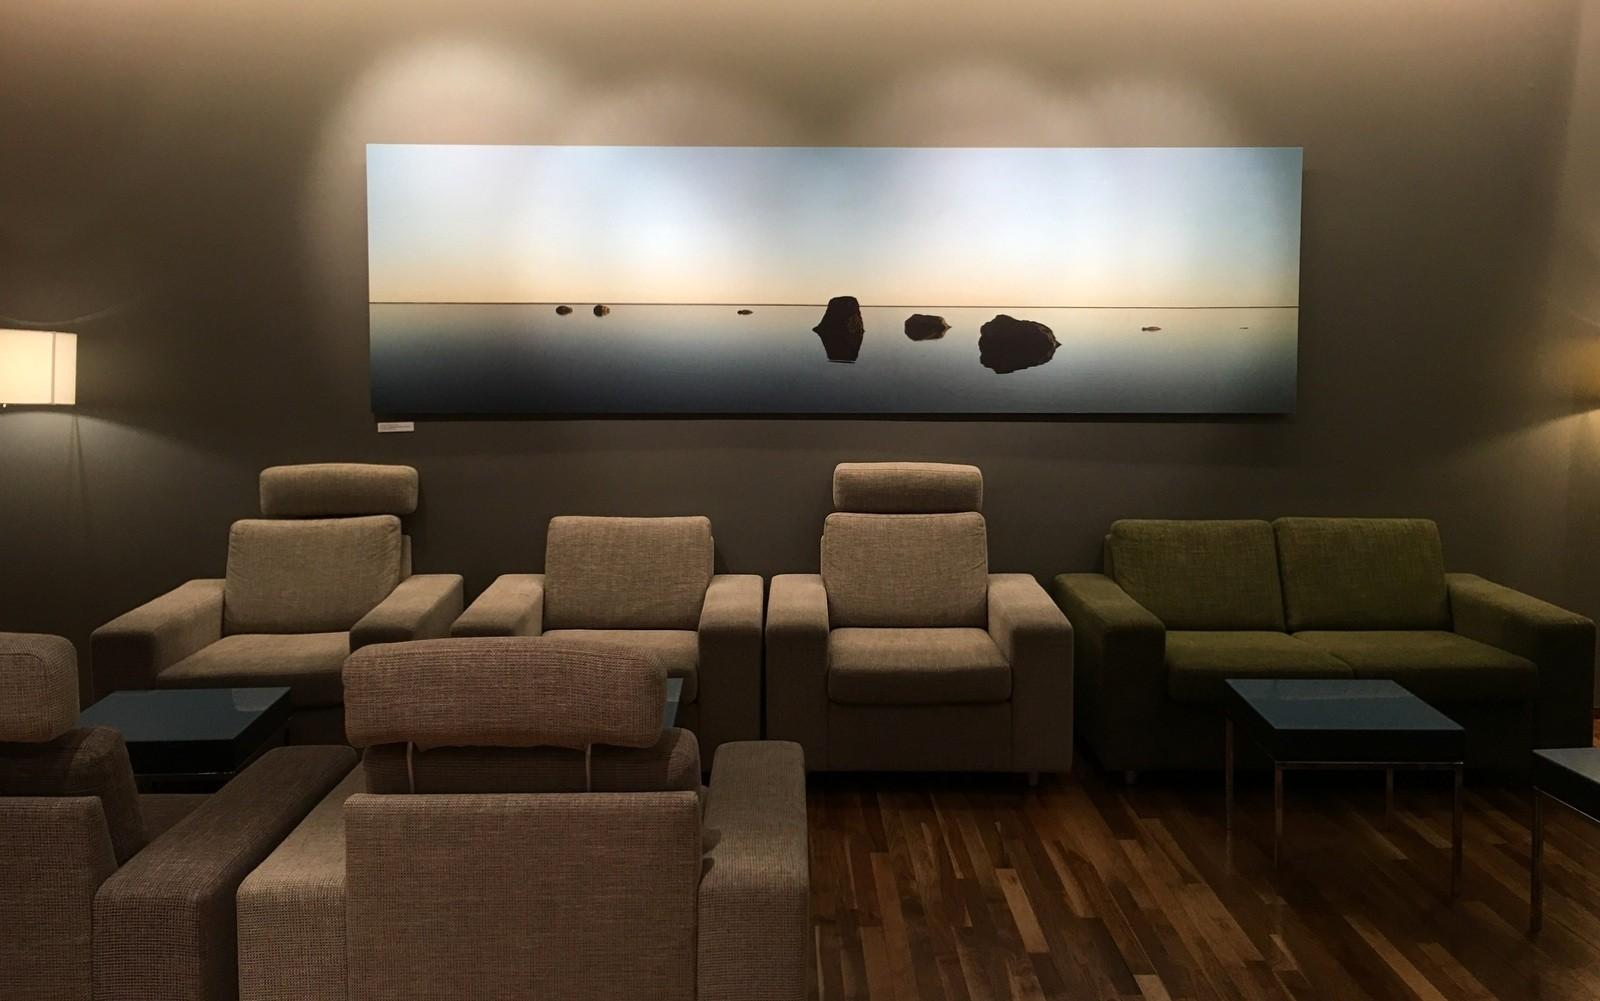 Saga Class Lounge Reykjavik